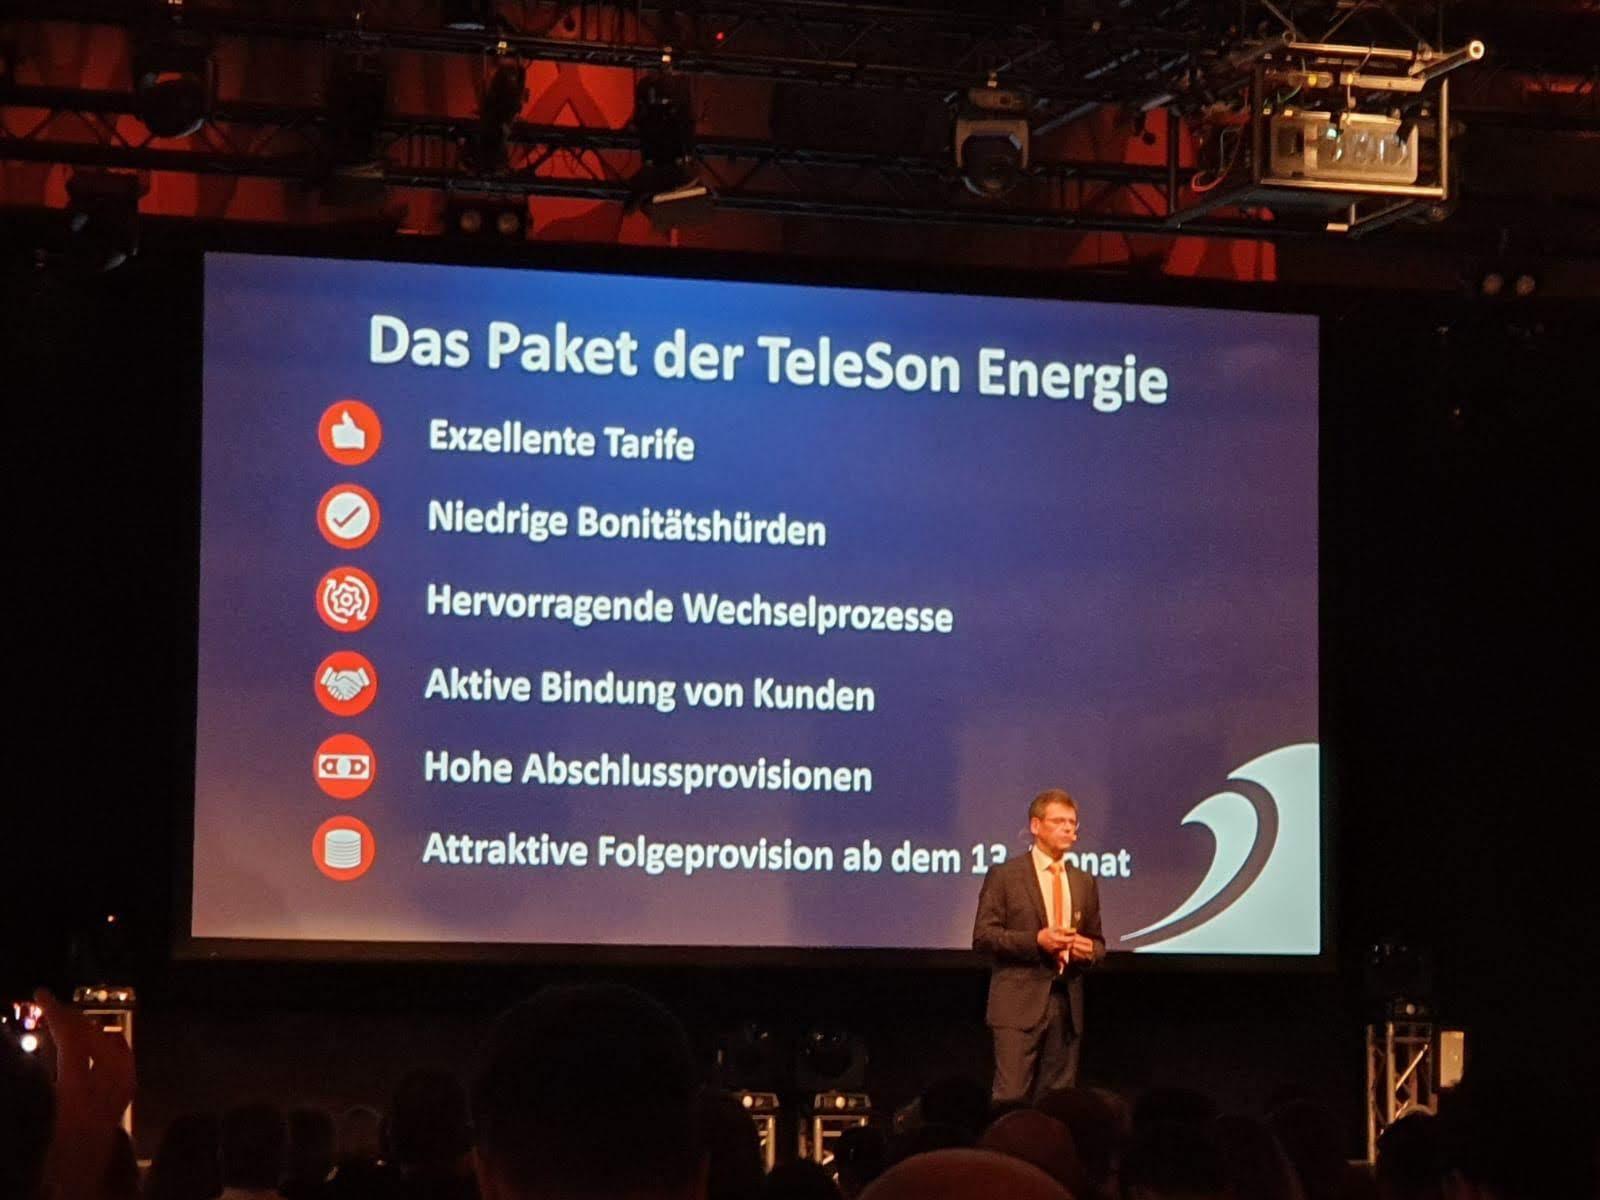 Das Paket der Teleson Energie GmbH